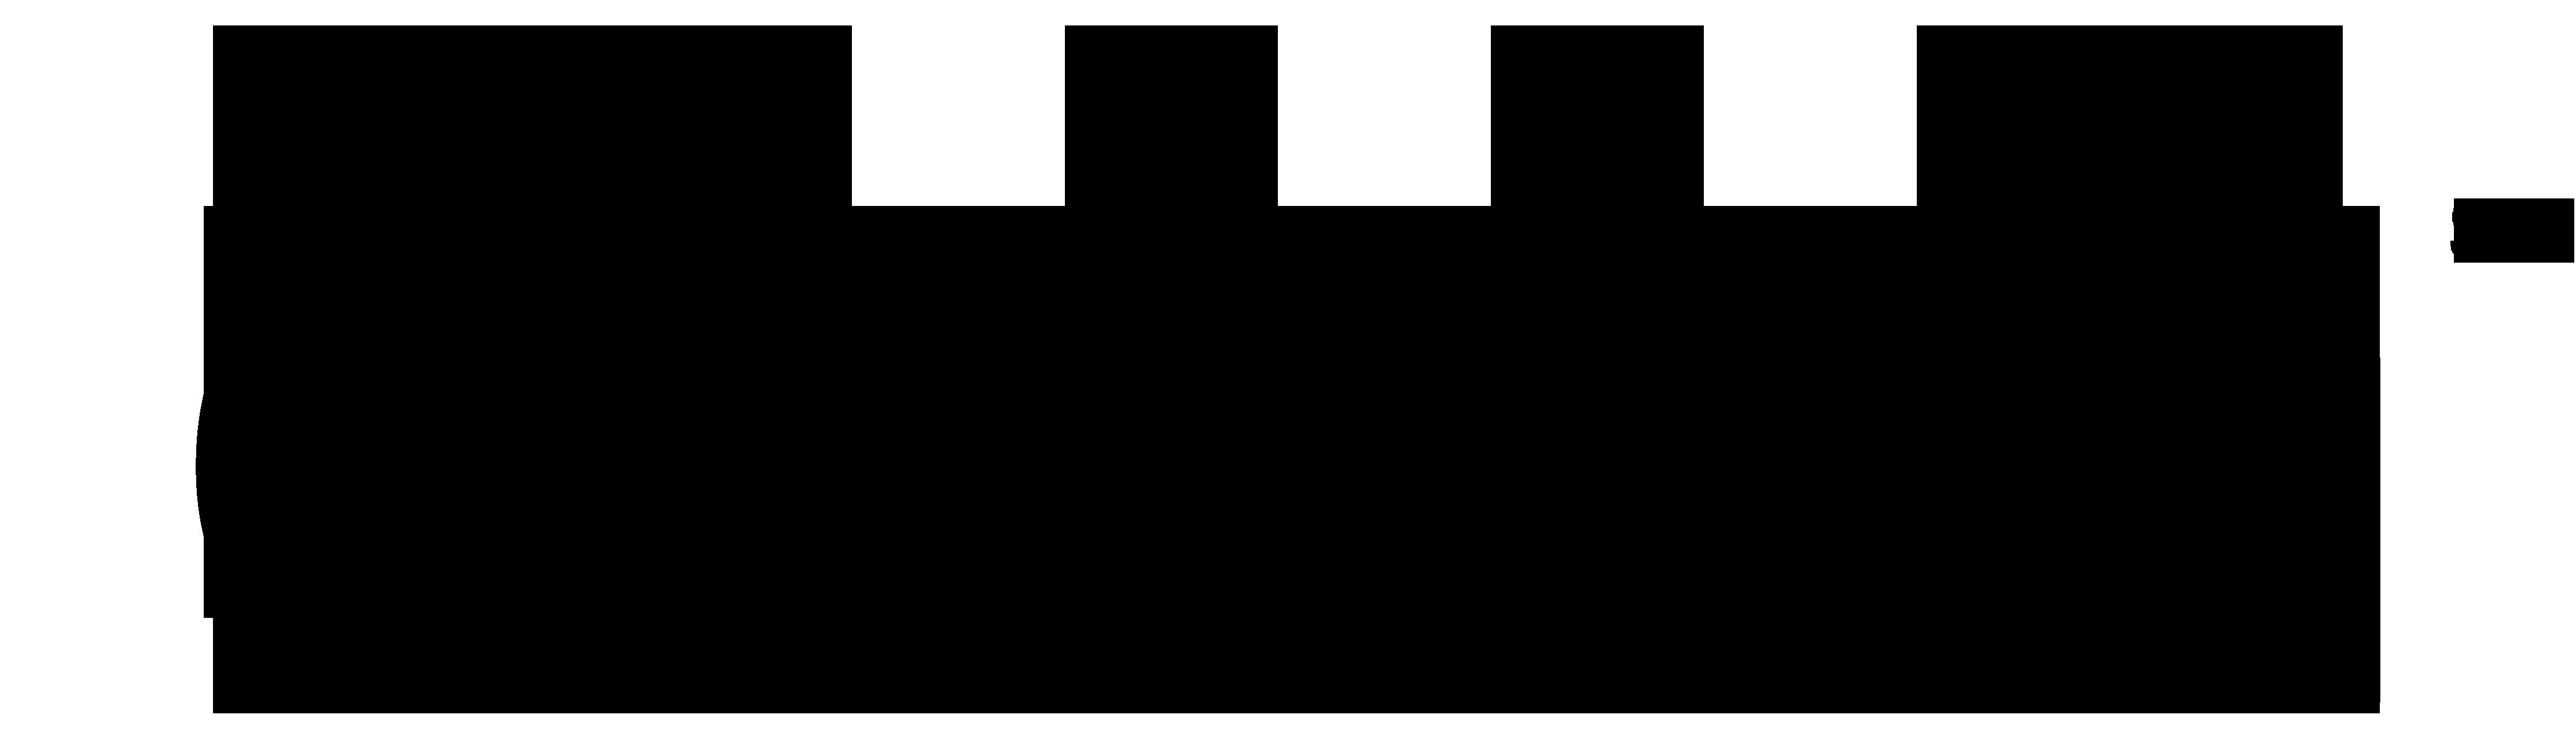 cinch logo 2020 - pureblack